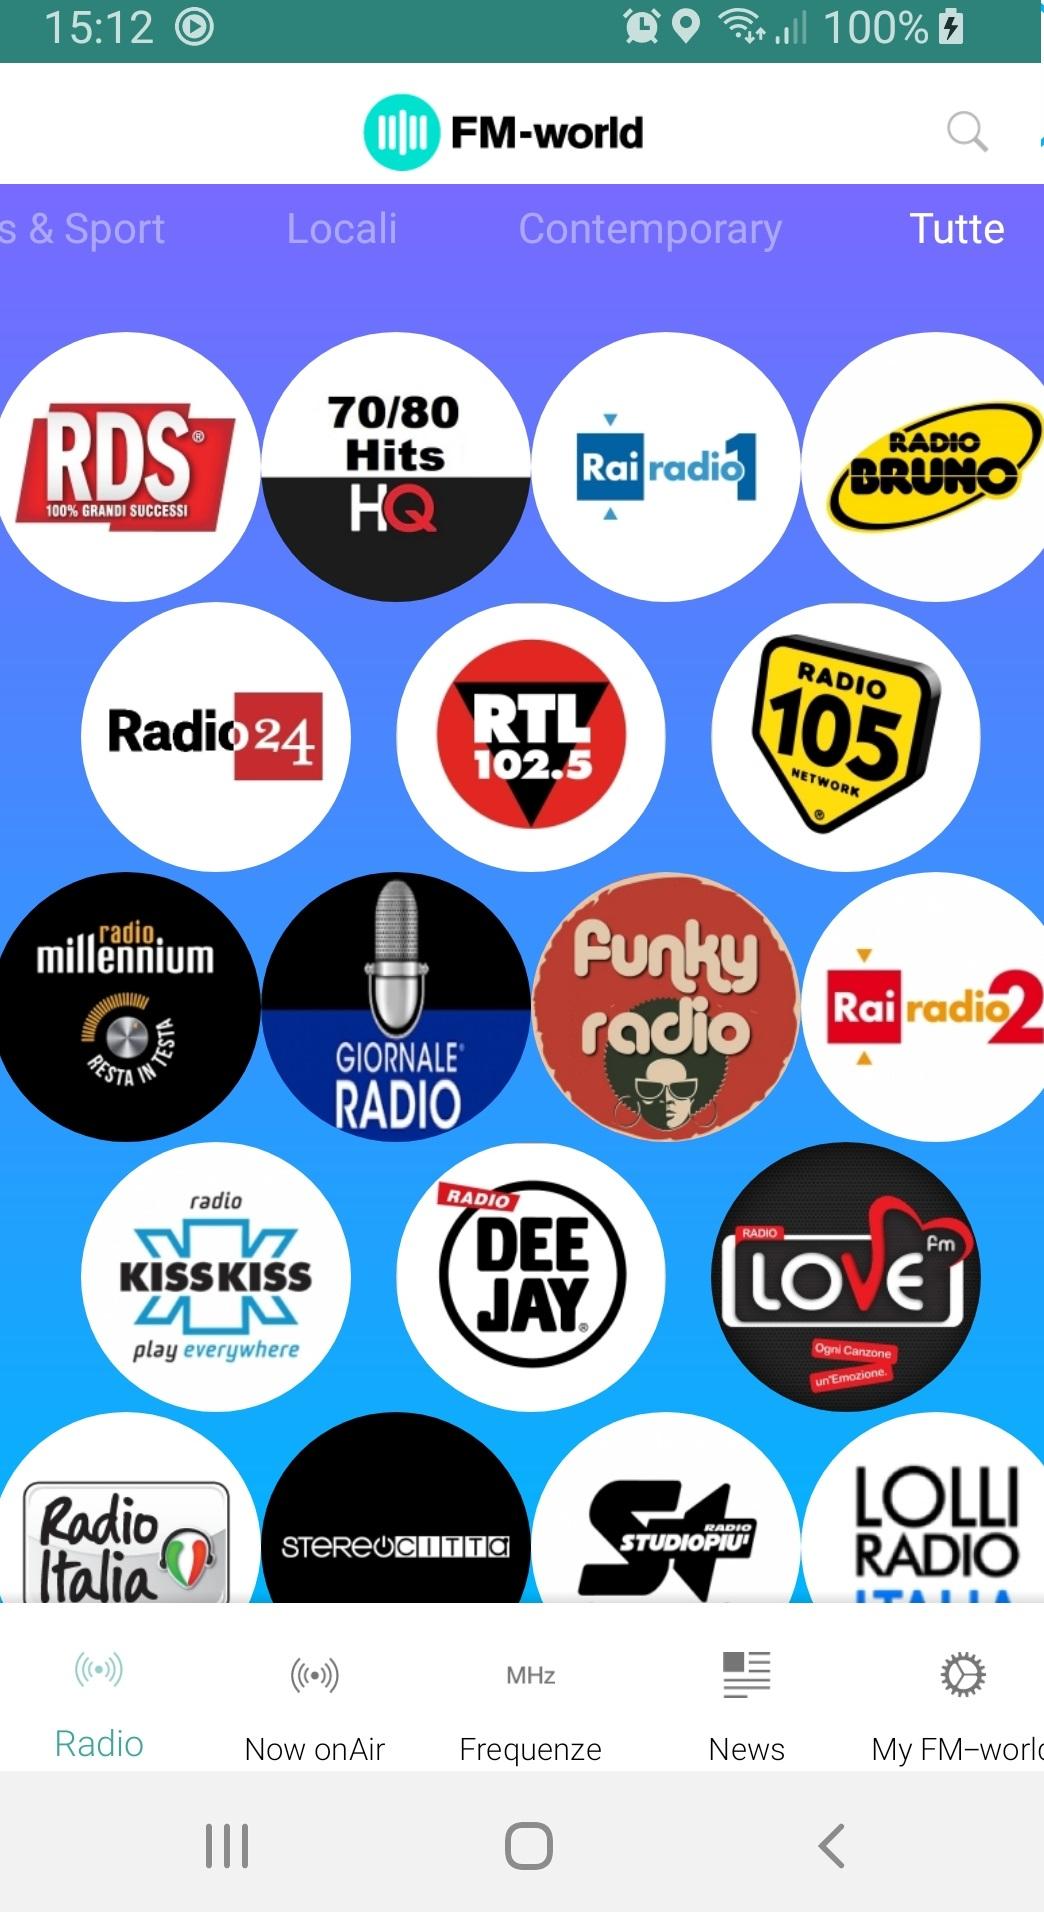 FM world - Radio. Allarme denominazione: le nuove tecnologie privilegiano quelle che rappresentano il contenuto. E brand storici rischiano di essere marginalizzati dall'I.A.